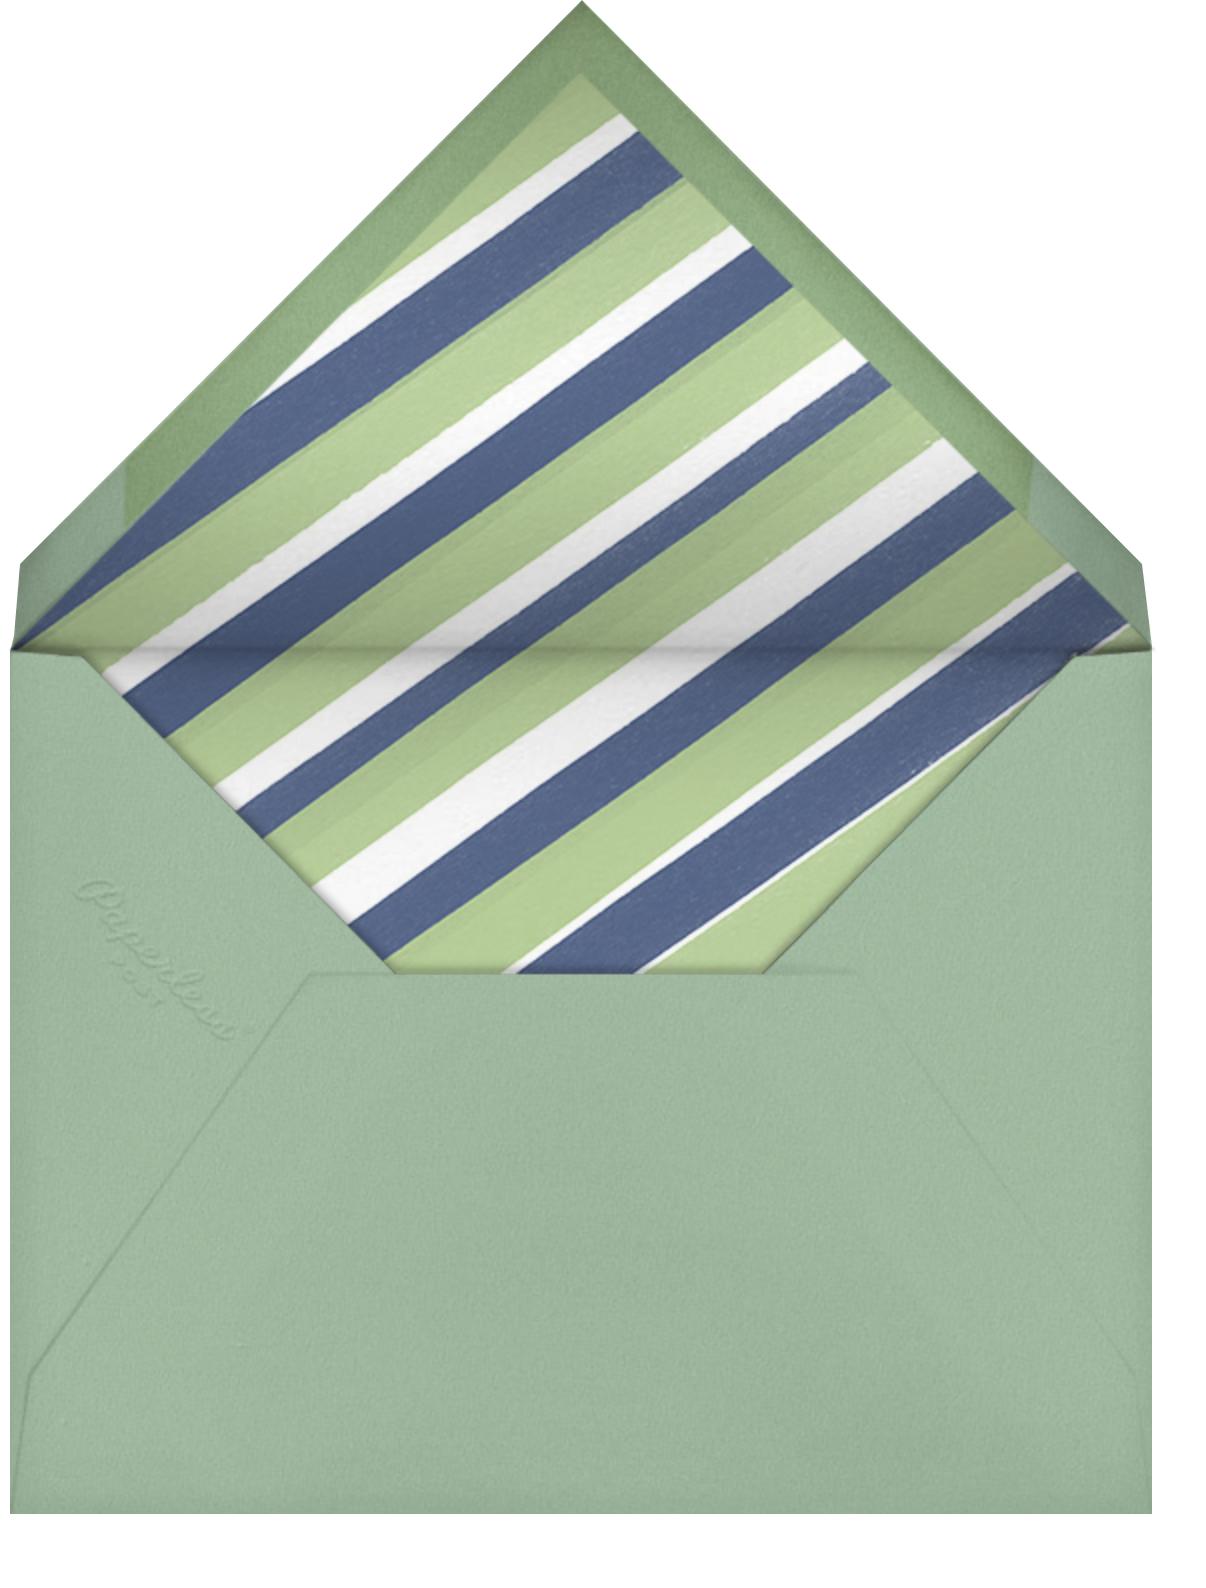 Thoroughbred Birthday - Sage/Tan - Paperless Post - Envelope